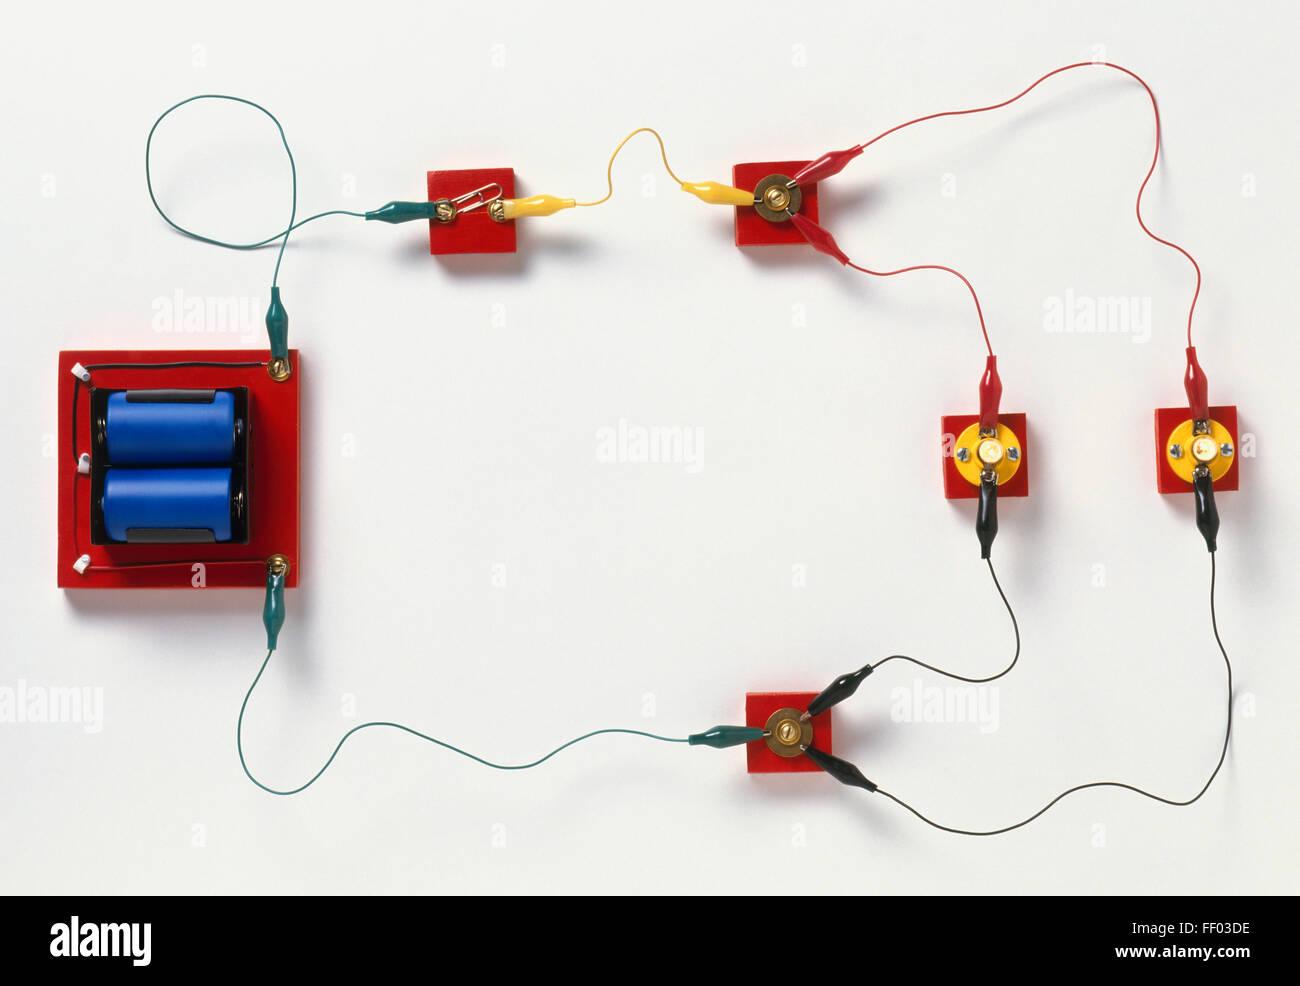 Circuito Paralelo : Circuito eléctrico dividido en ramas circuito paralelo foto